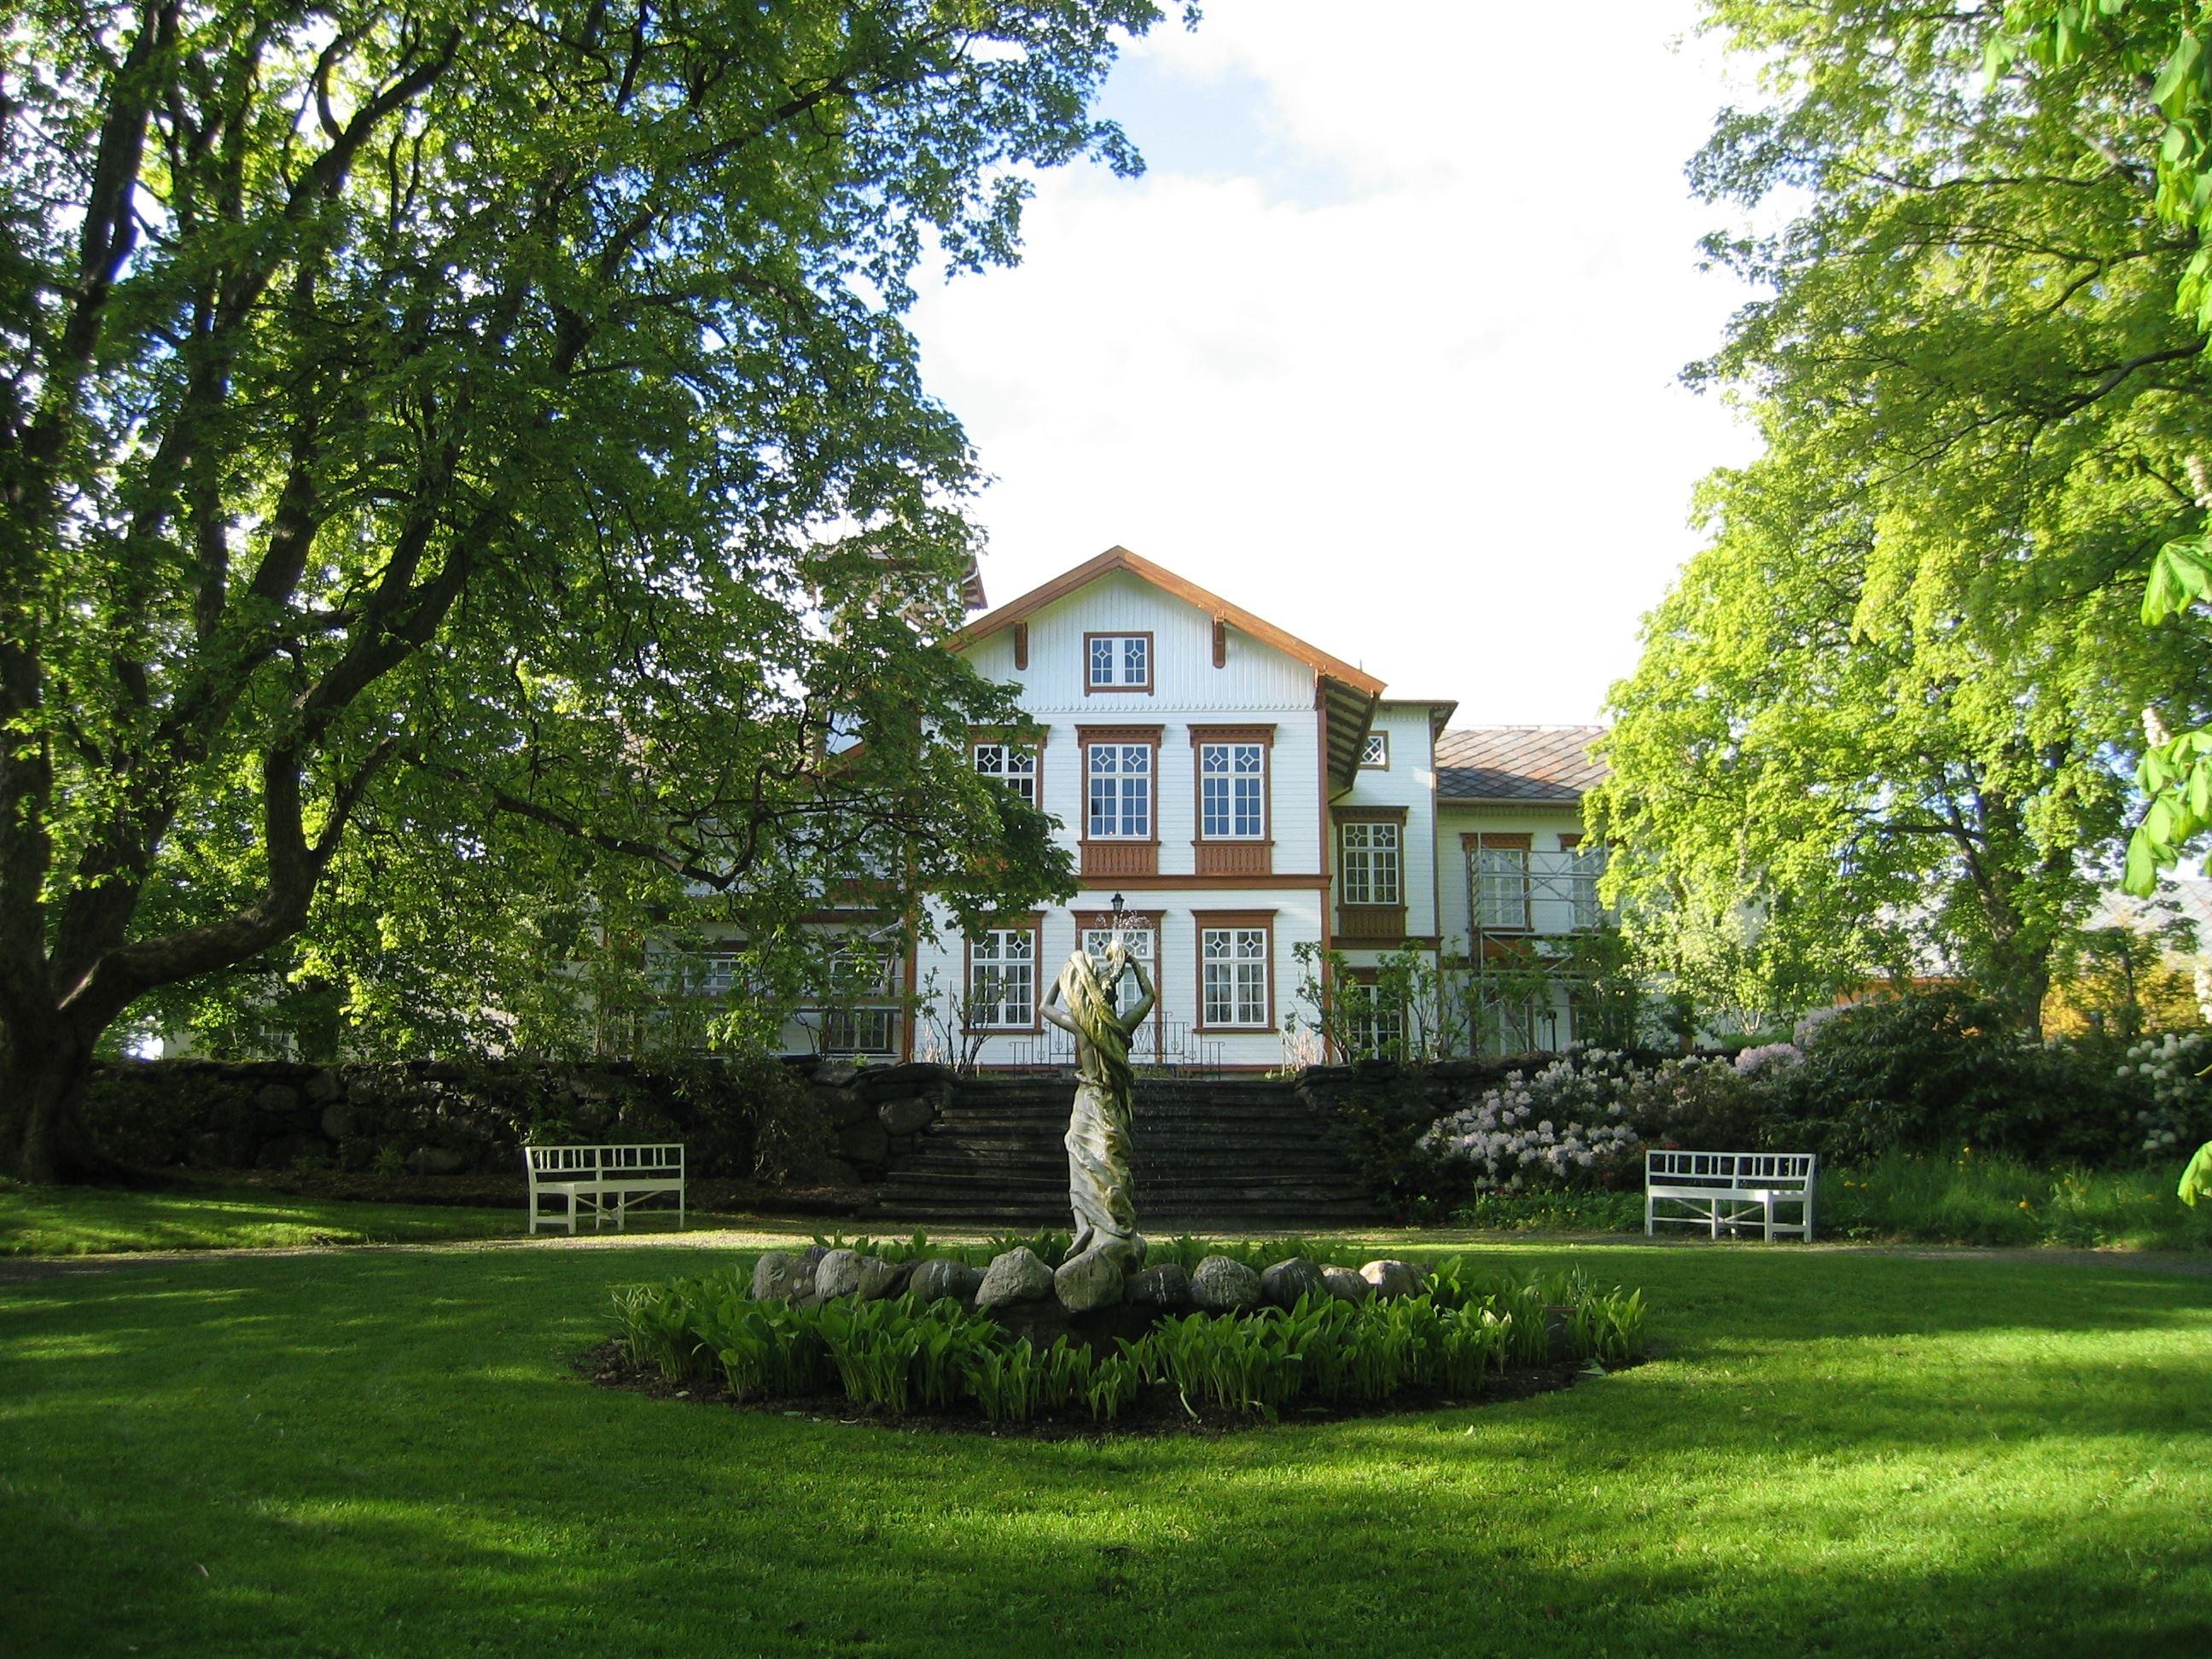 Ringve Musikkmuseum/Torbjørn Selven, Fasaden av Ringve Musikkmuseum i Trondheim